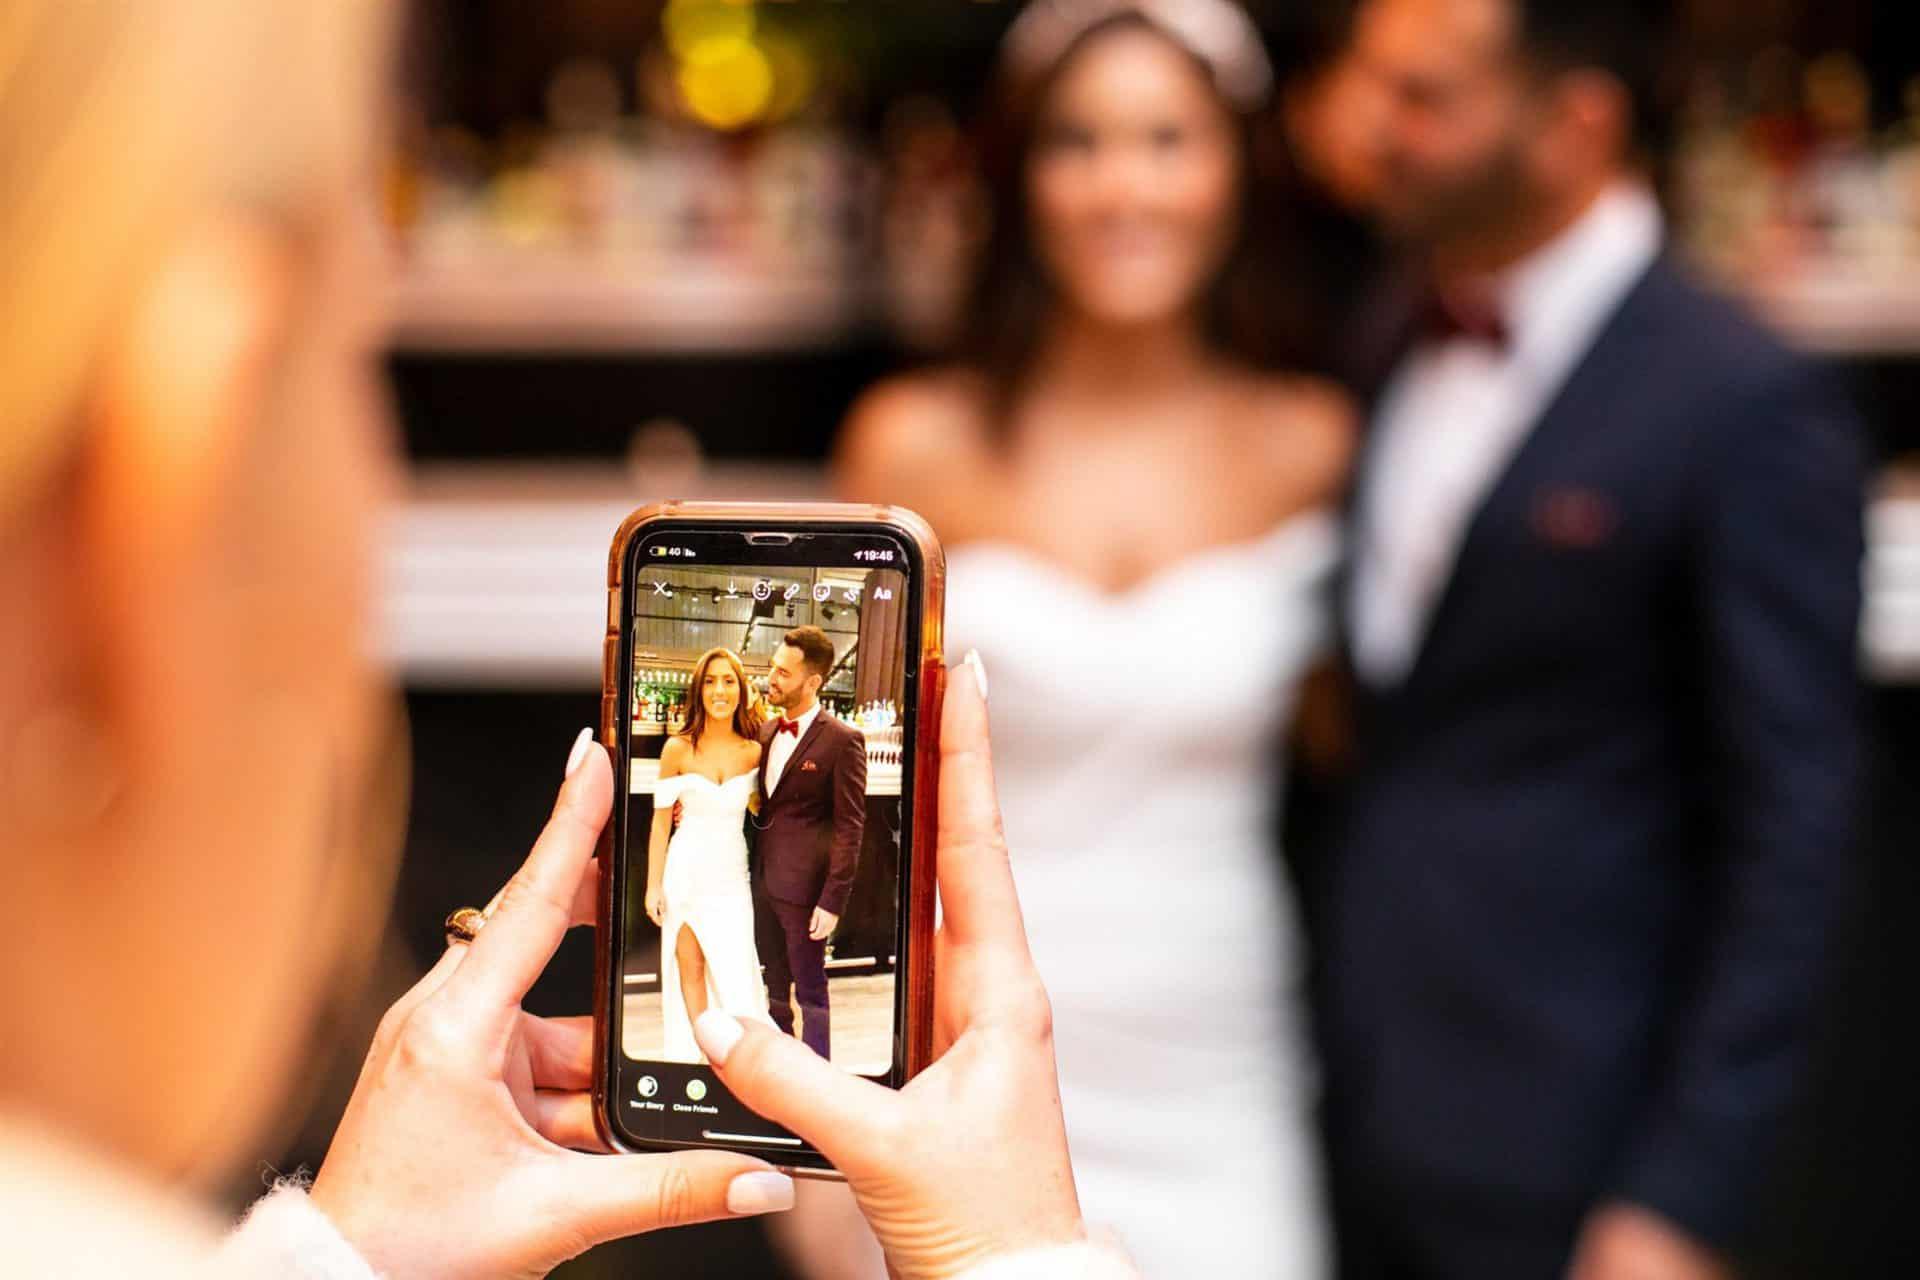 מצלמים את החתן והכלה לסטורי